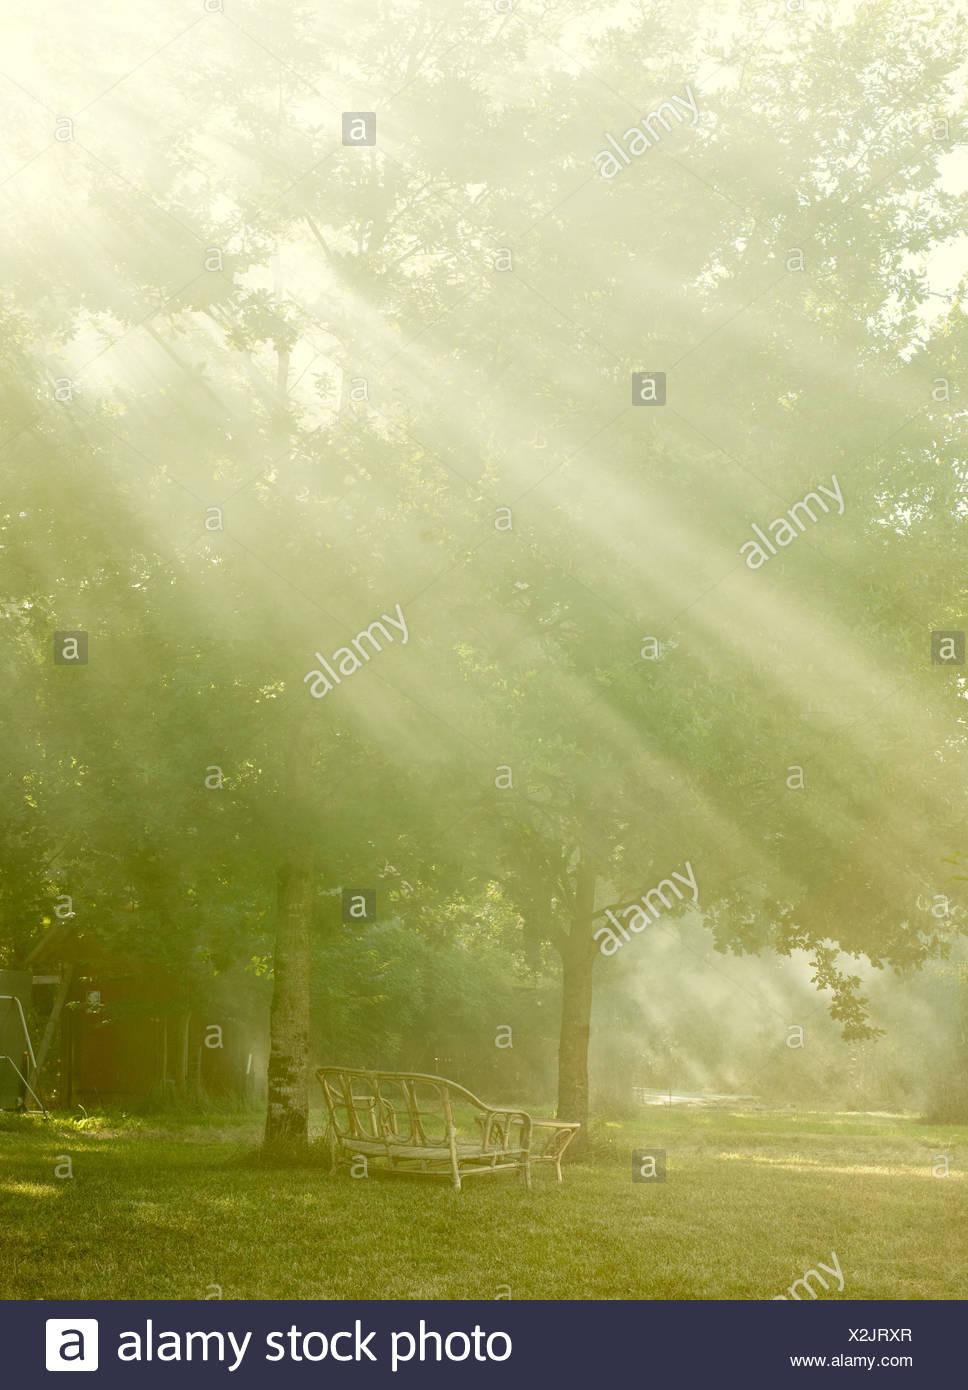 Mobili da esterno e alberi in raggi solari Immagini Stock